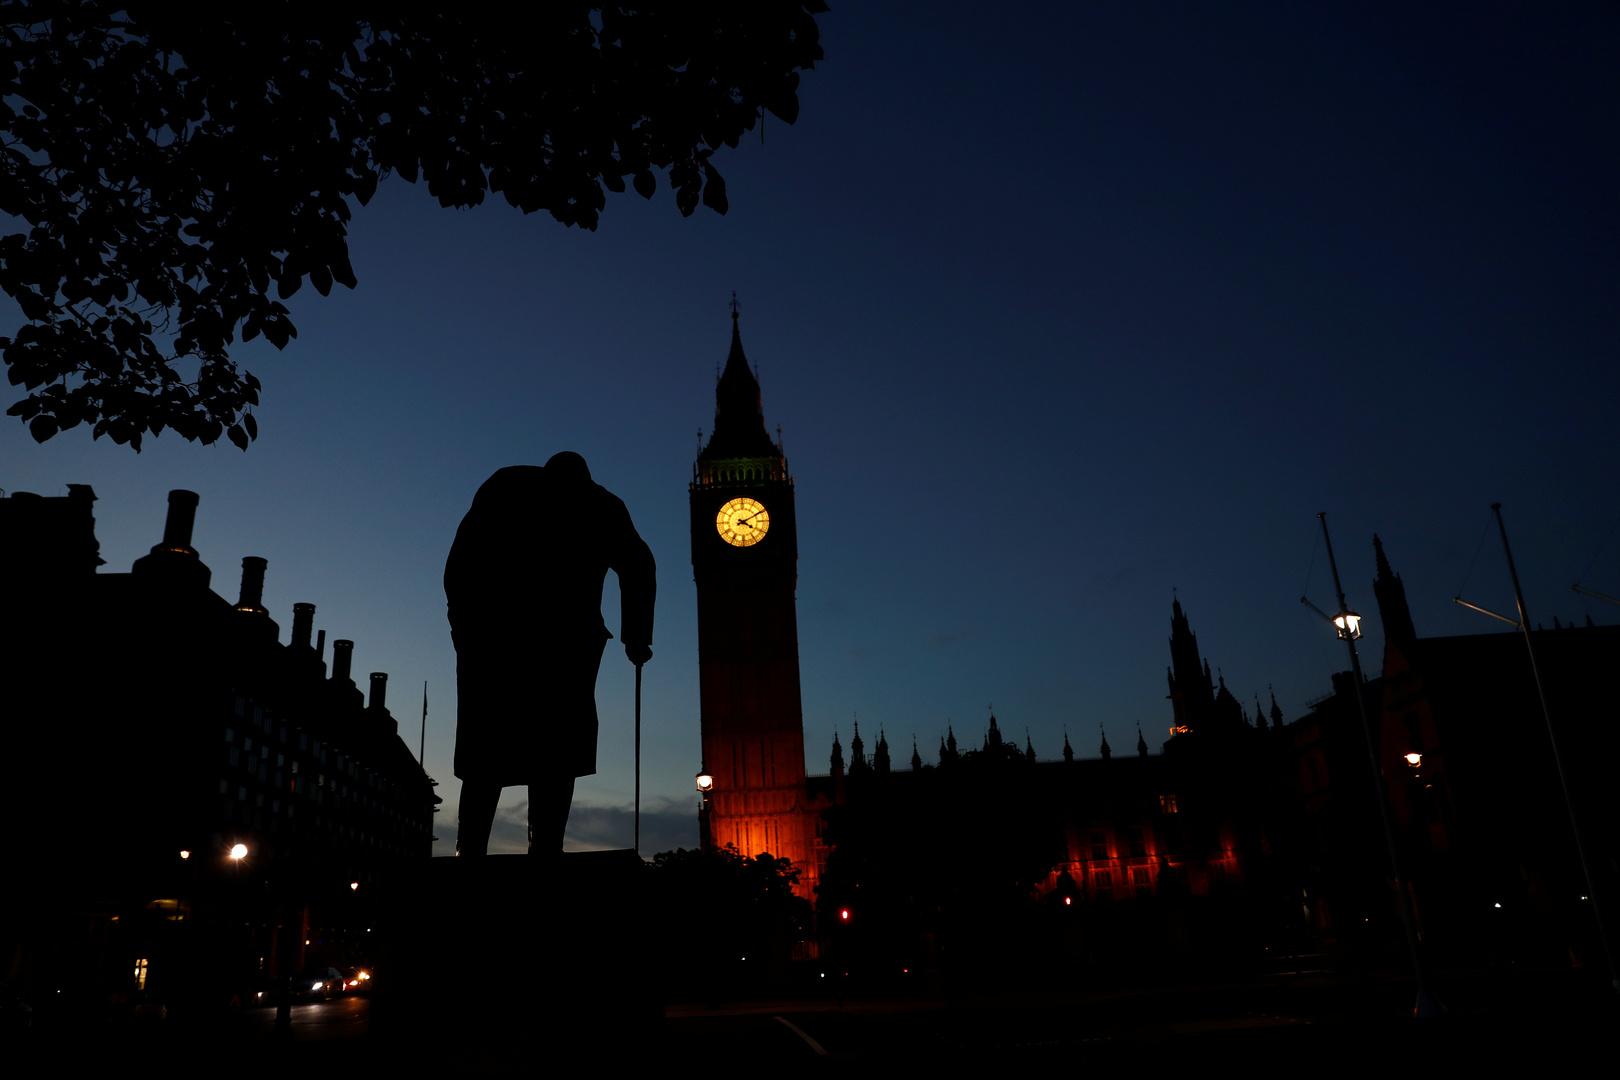 بريطانيا ترفع العقوبات عن رجل أعمال سوري بارز مقرب من حكومة الأسد